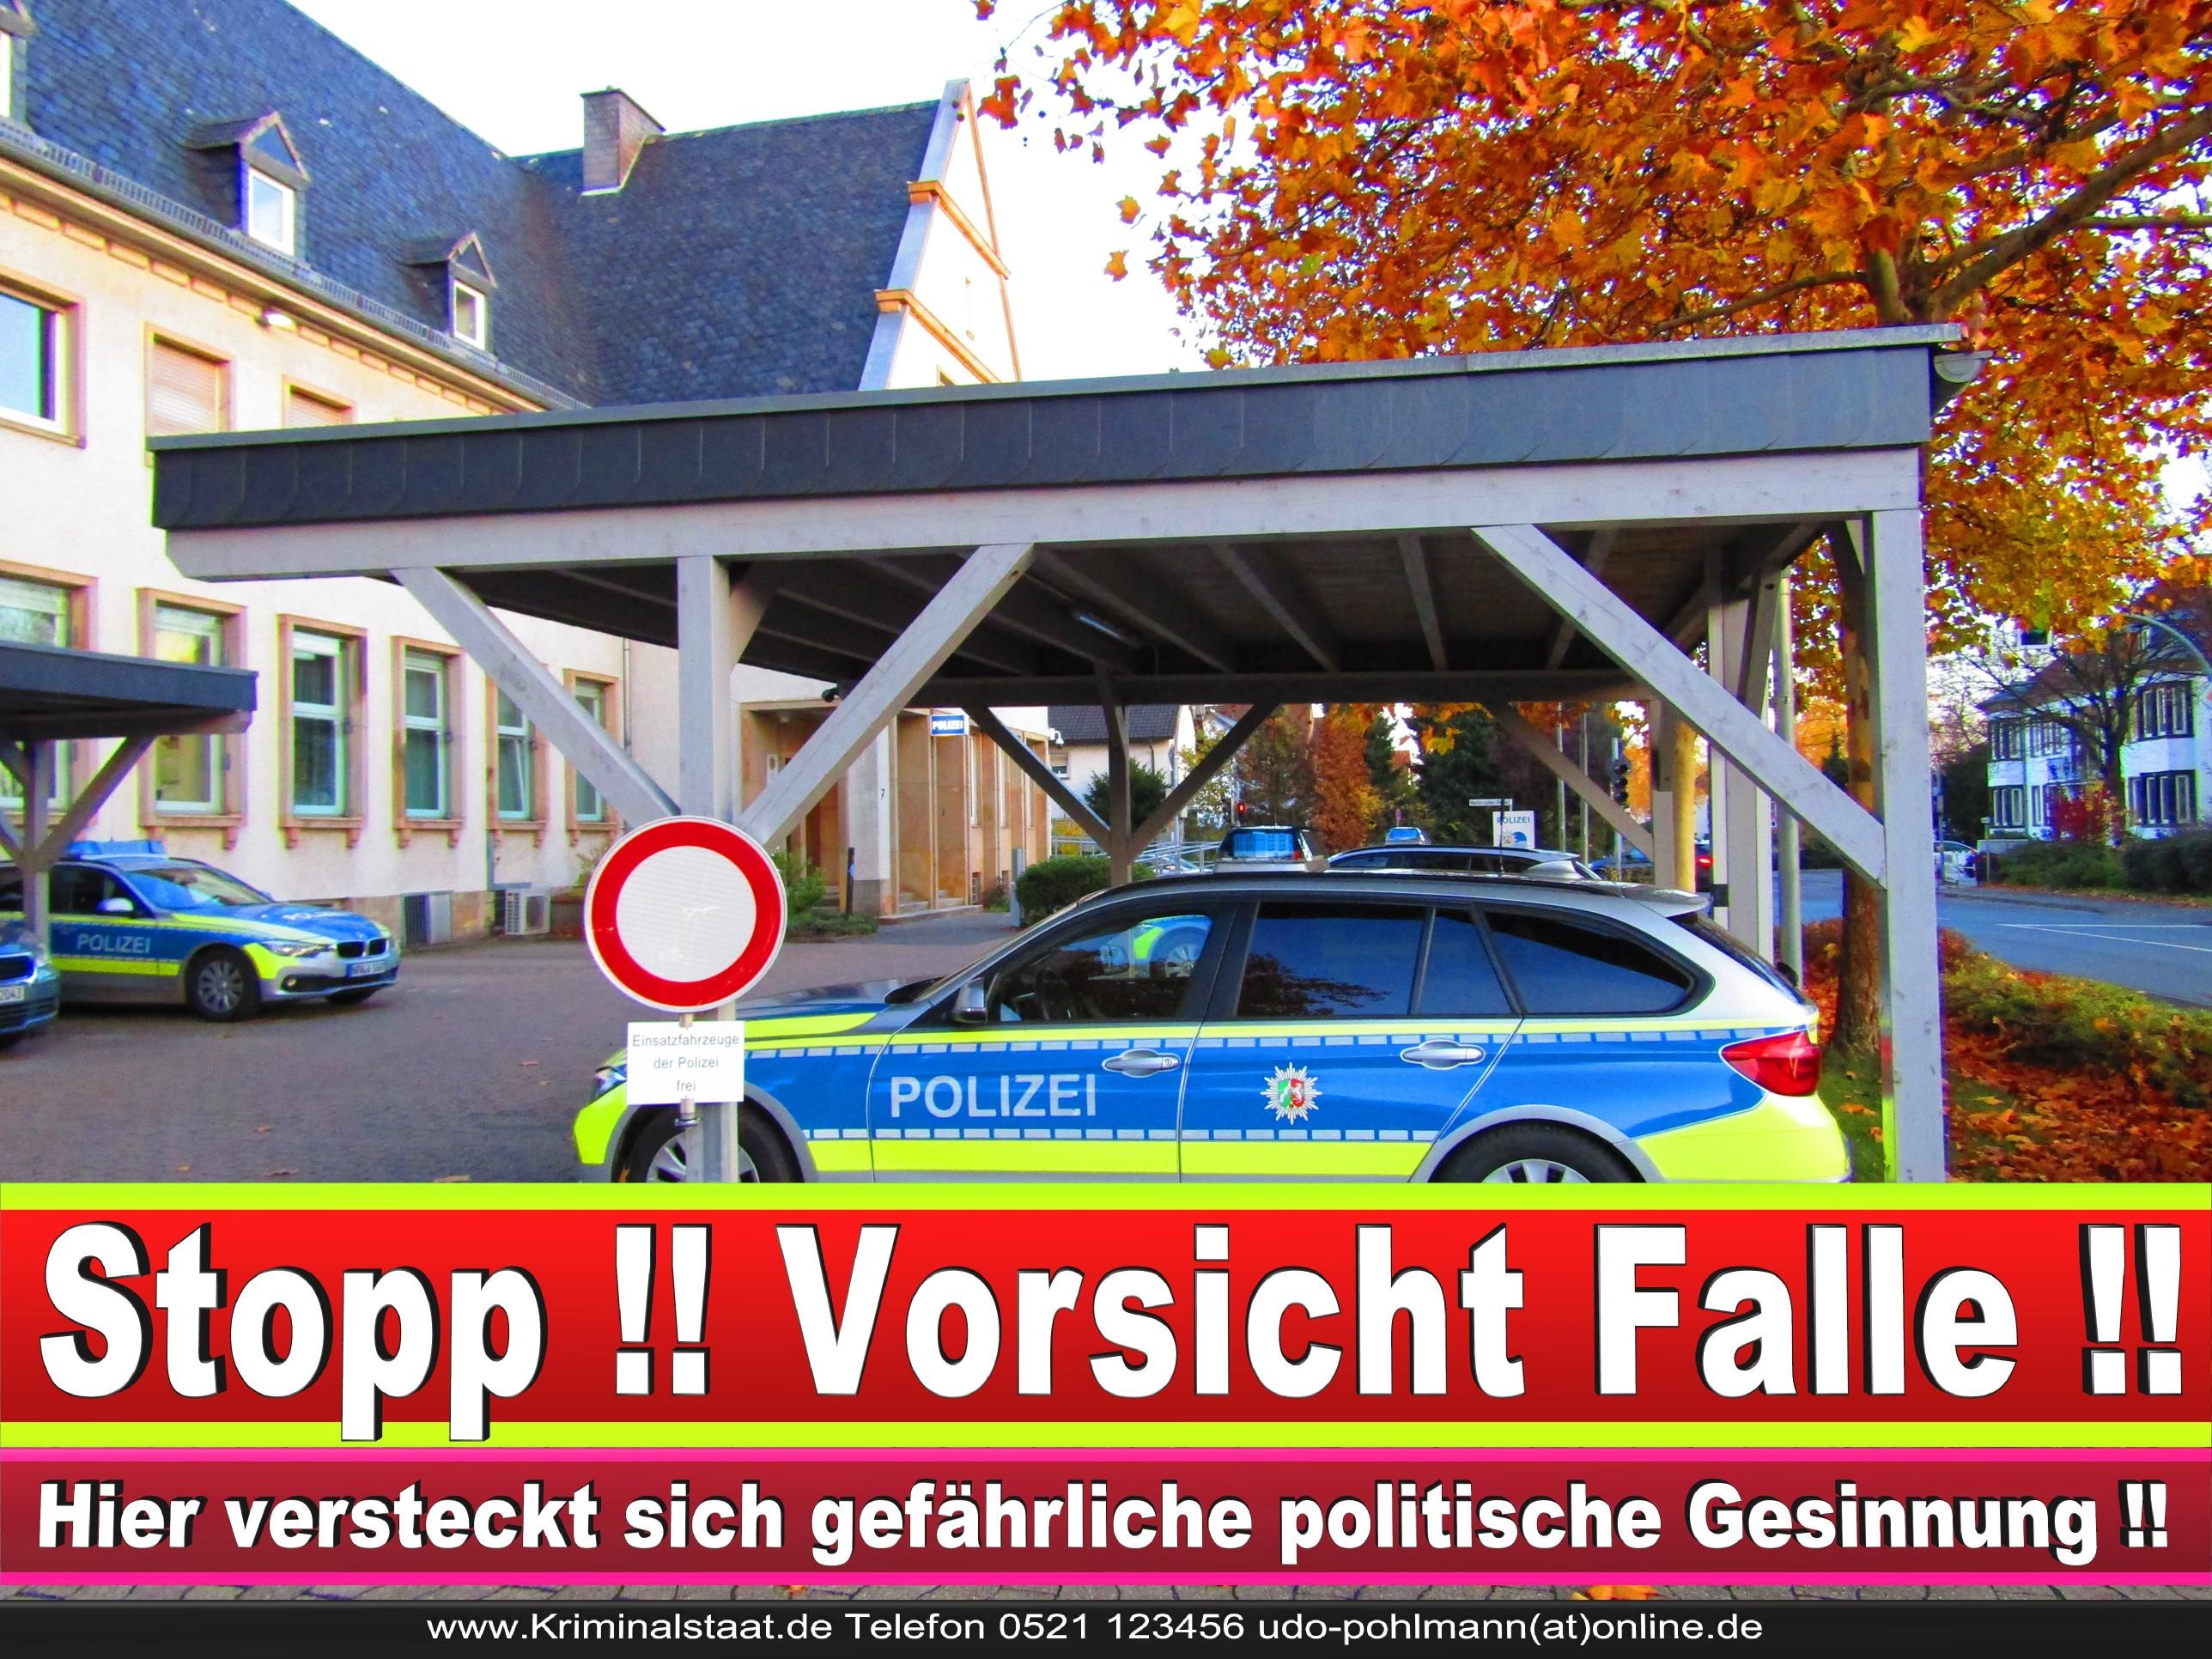 CDU Steinhagen Halle Harsewinkel Gütersloh Bielefeld Polizeirevier Polizisten Verurteilt Drogen Urteil Strafe Korruption Verbrechen Mafia Organisierte Kriminalität (8)